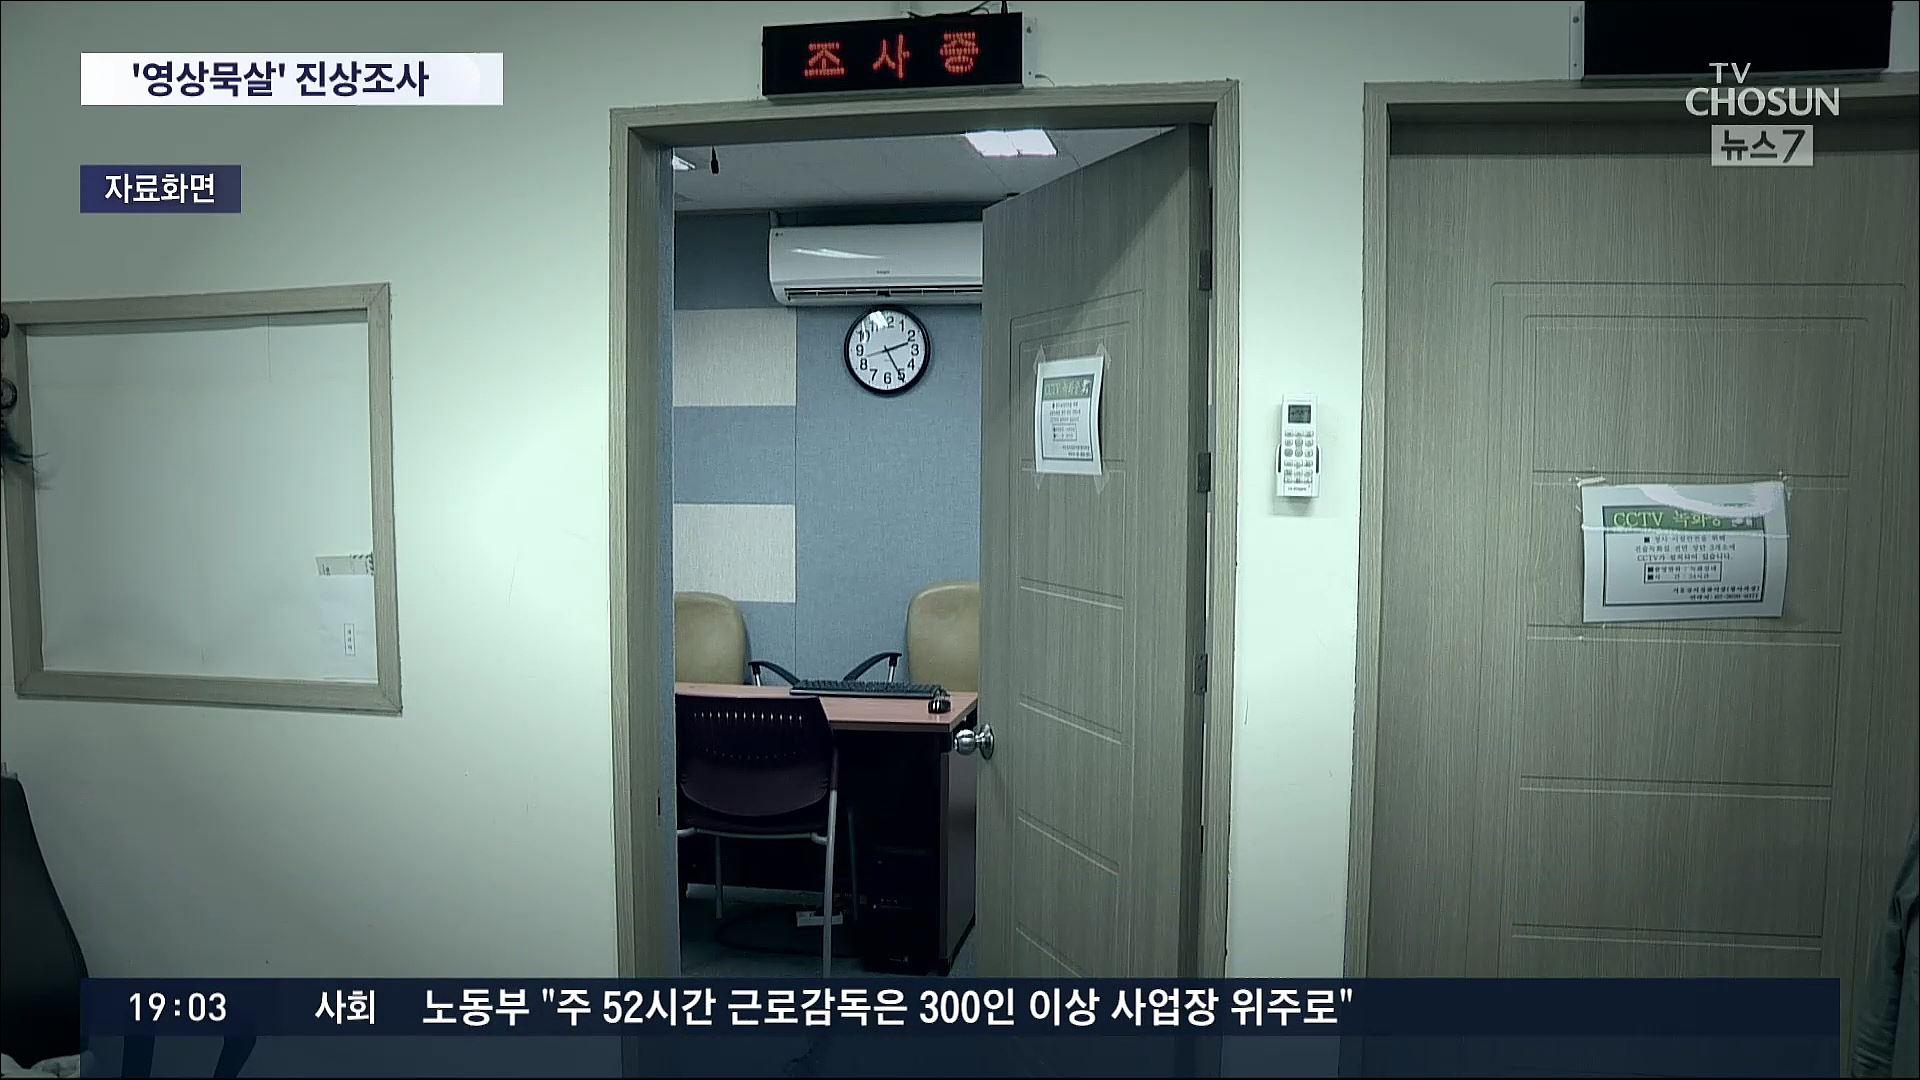 경찰, '이용구 폭행영상' 묵살한 수사관 대기발령…'윗선보고 조사'